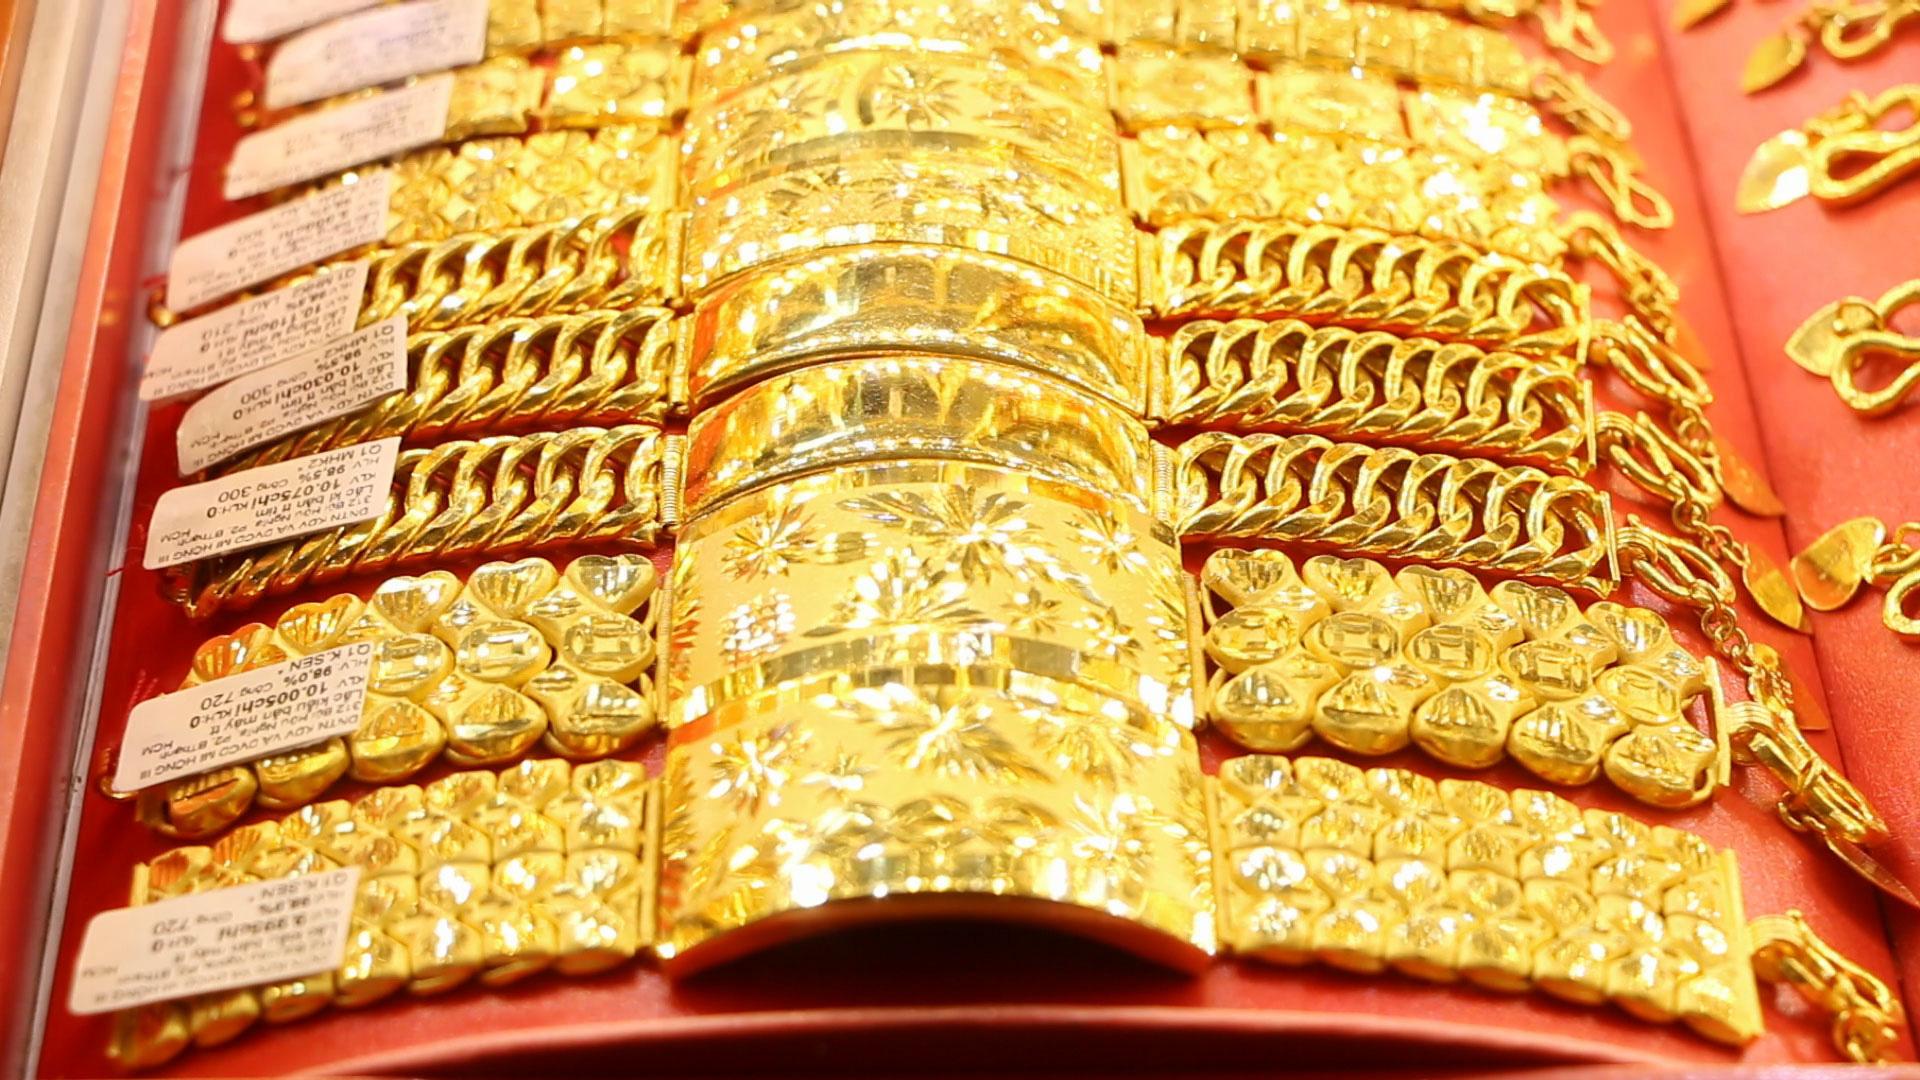 Giá vàng hôm nay 28/11: Vàng miếng SJC rơi xuống mức thấp kỉ lục 54 triệu đồng/lượng - Ảnh 1.